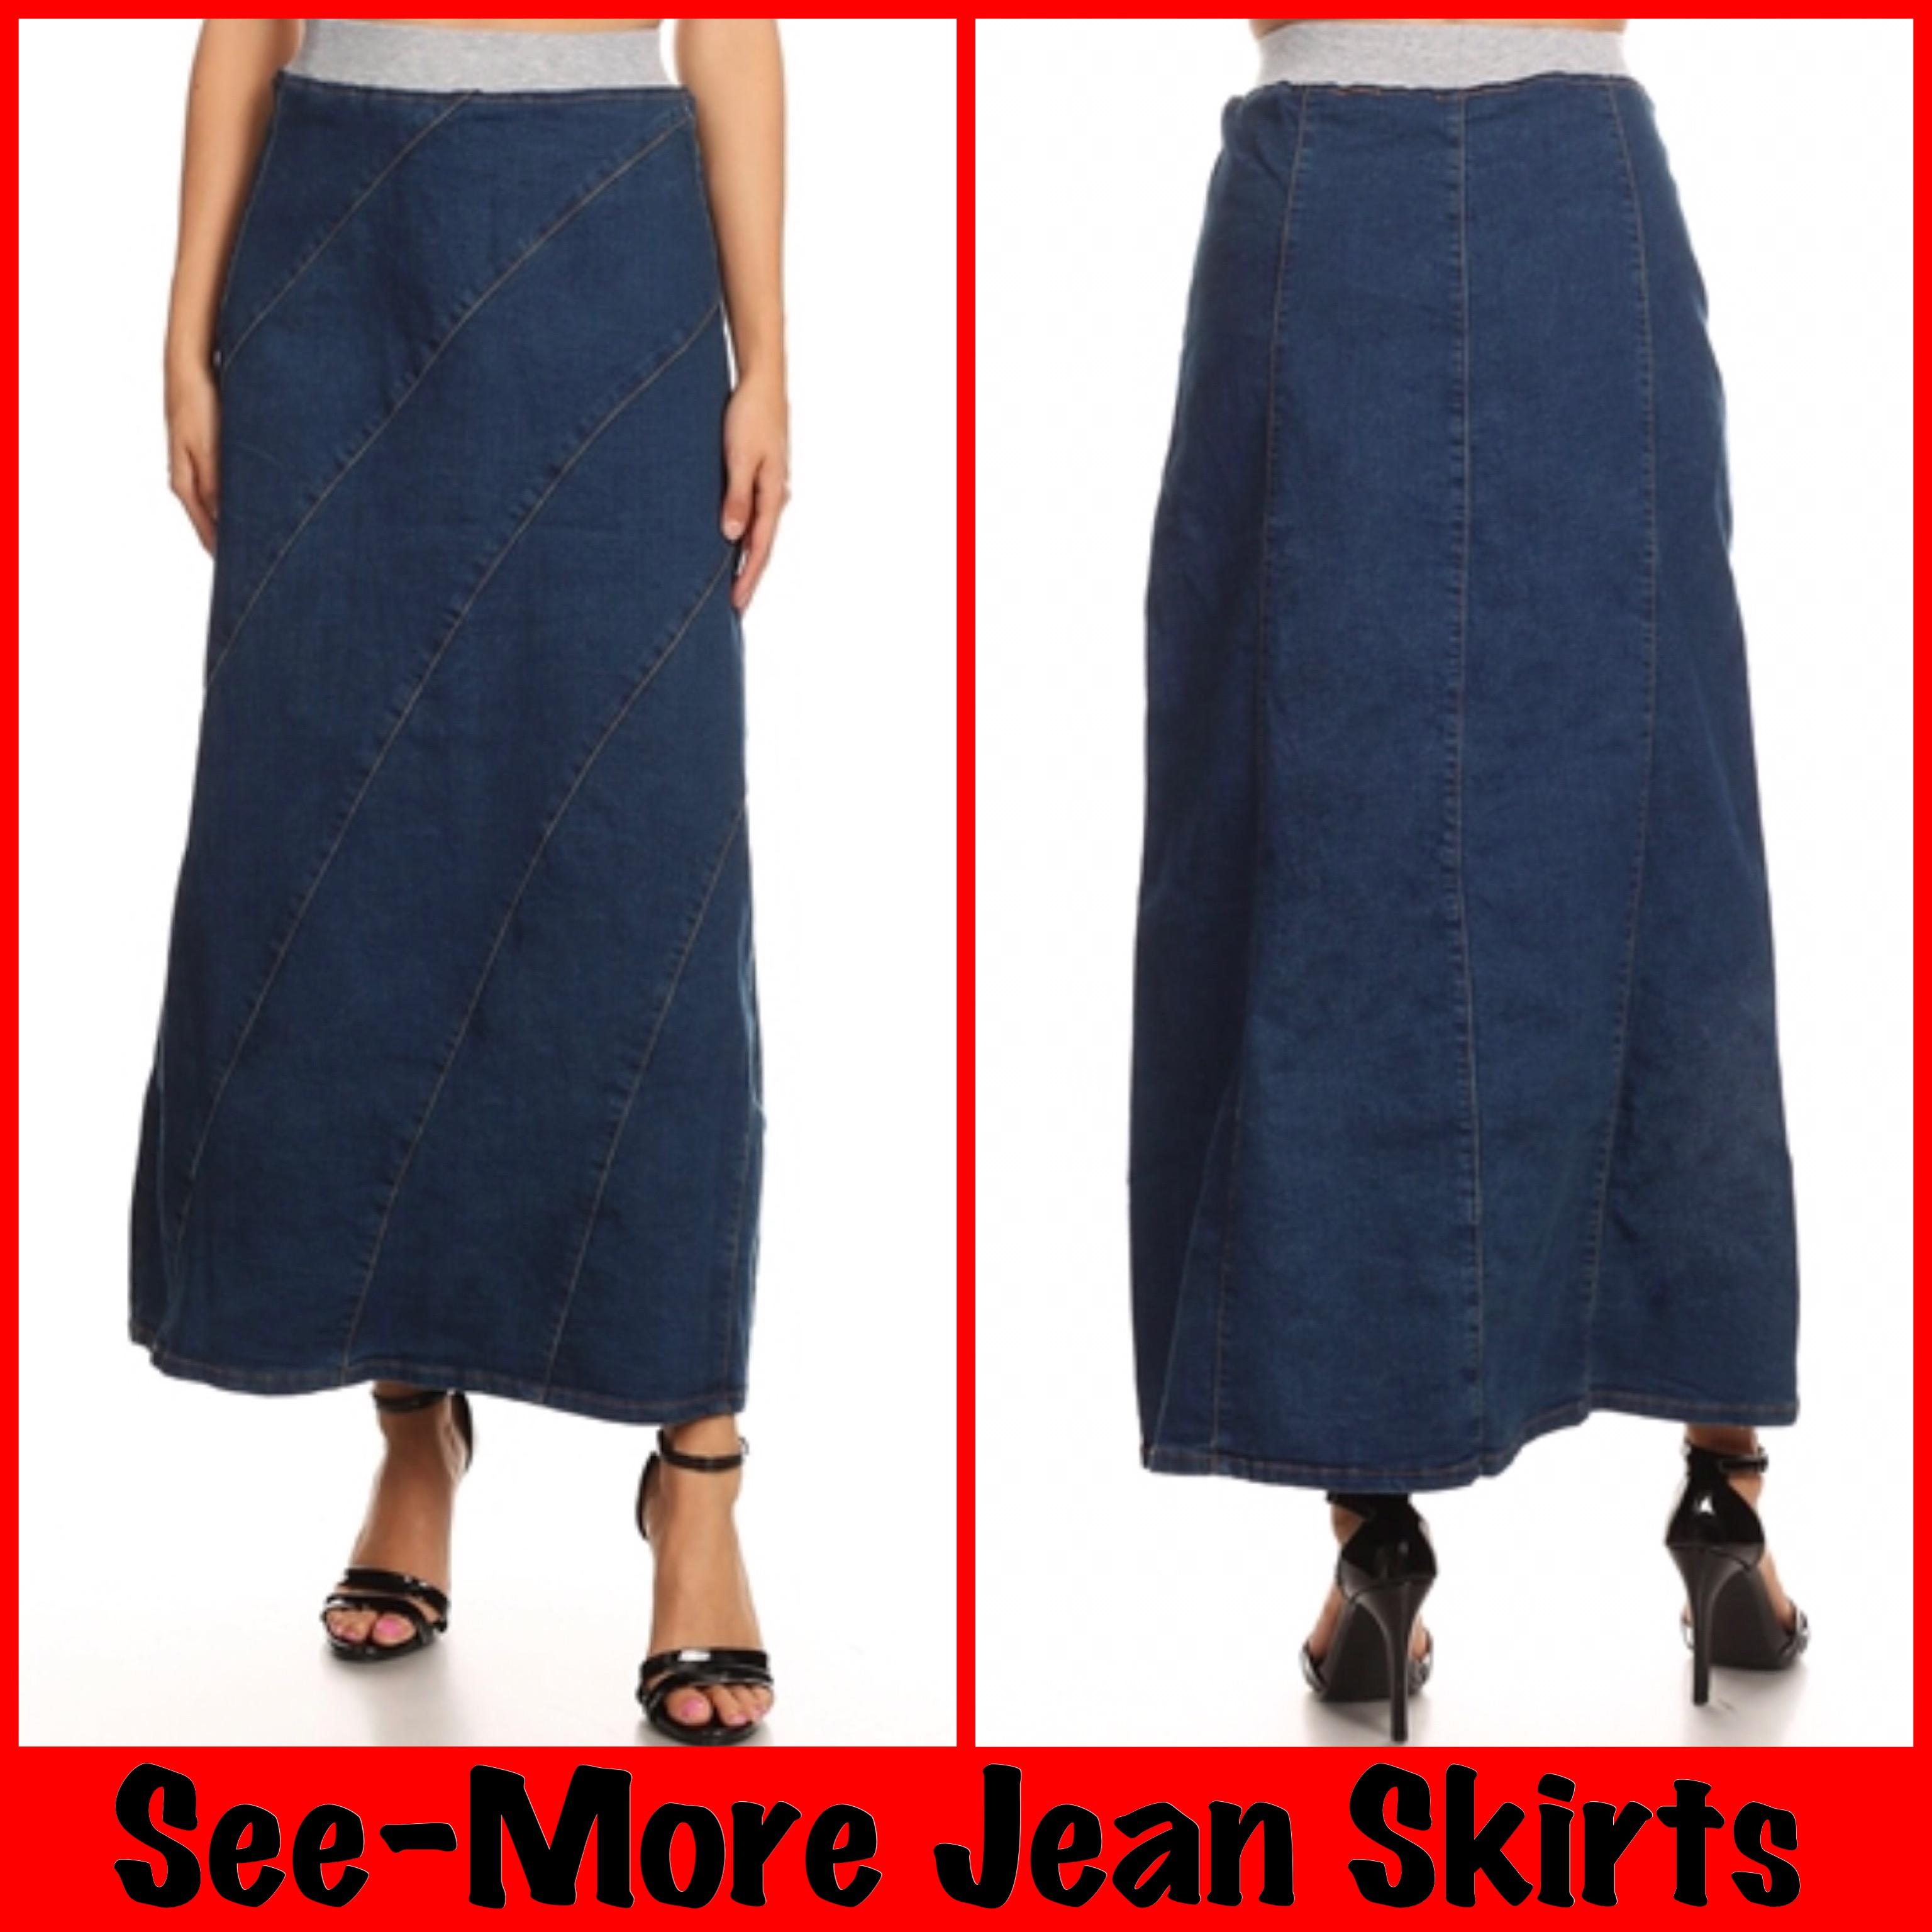 fe519e9bb0 KELSEY LONG DENIM SKIRT · See-More Jean Skirts · Online Store ...